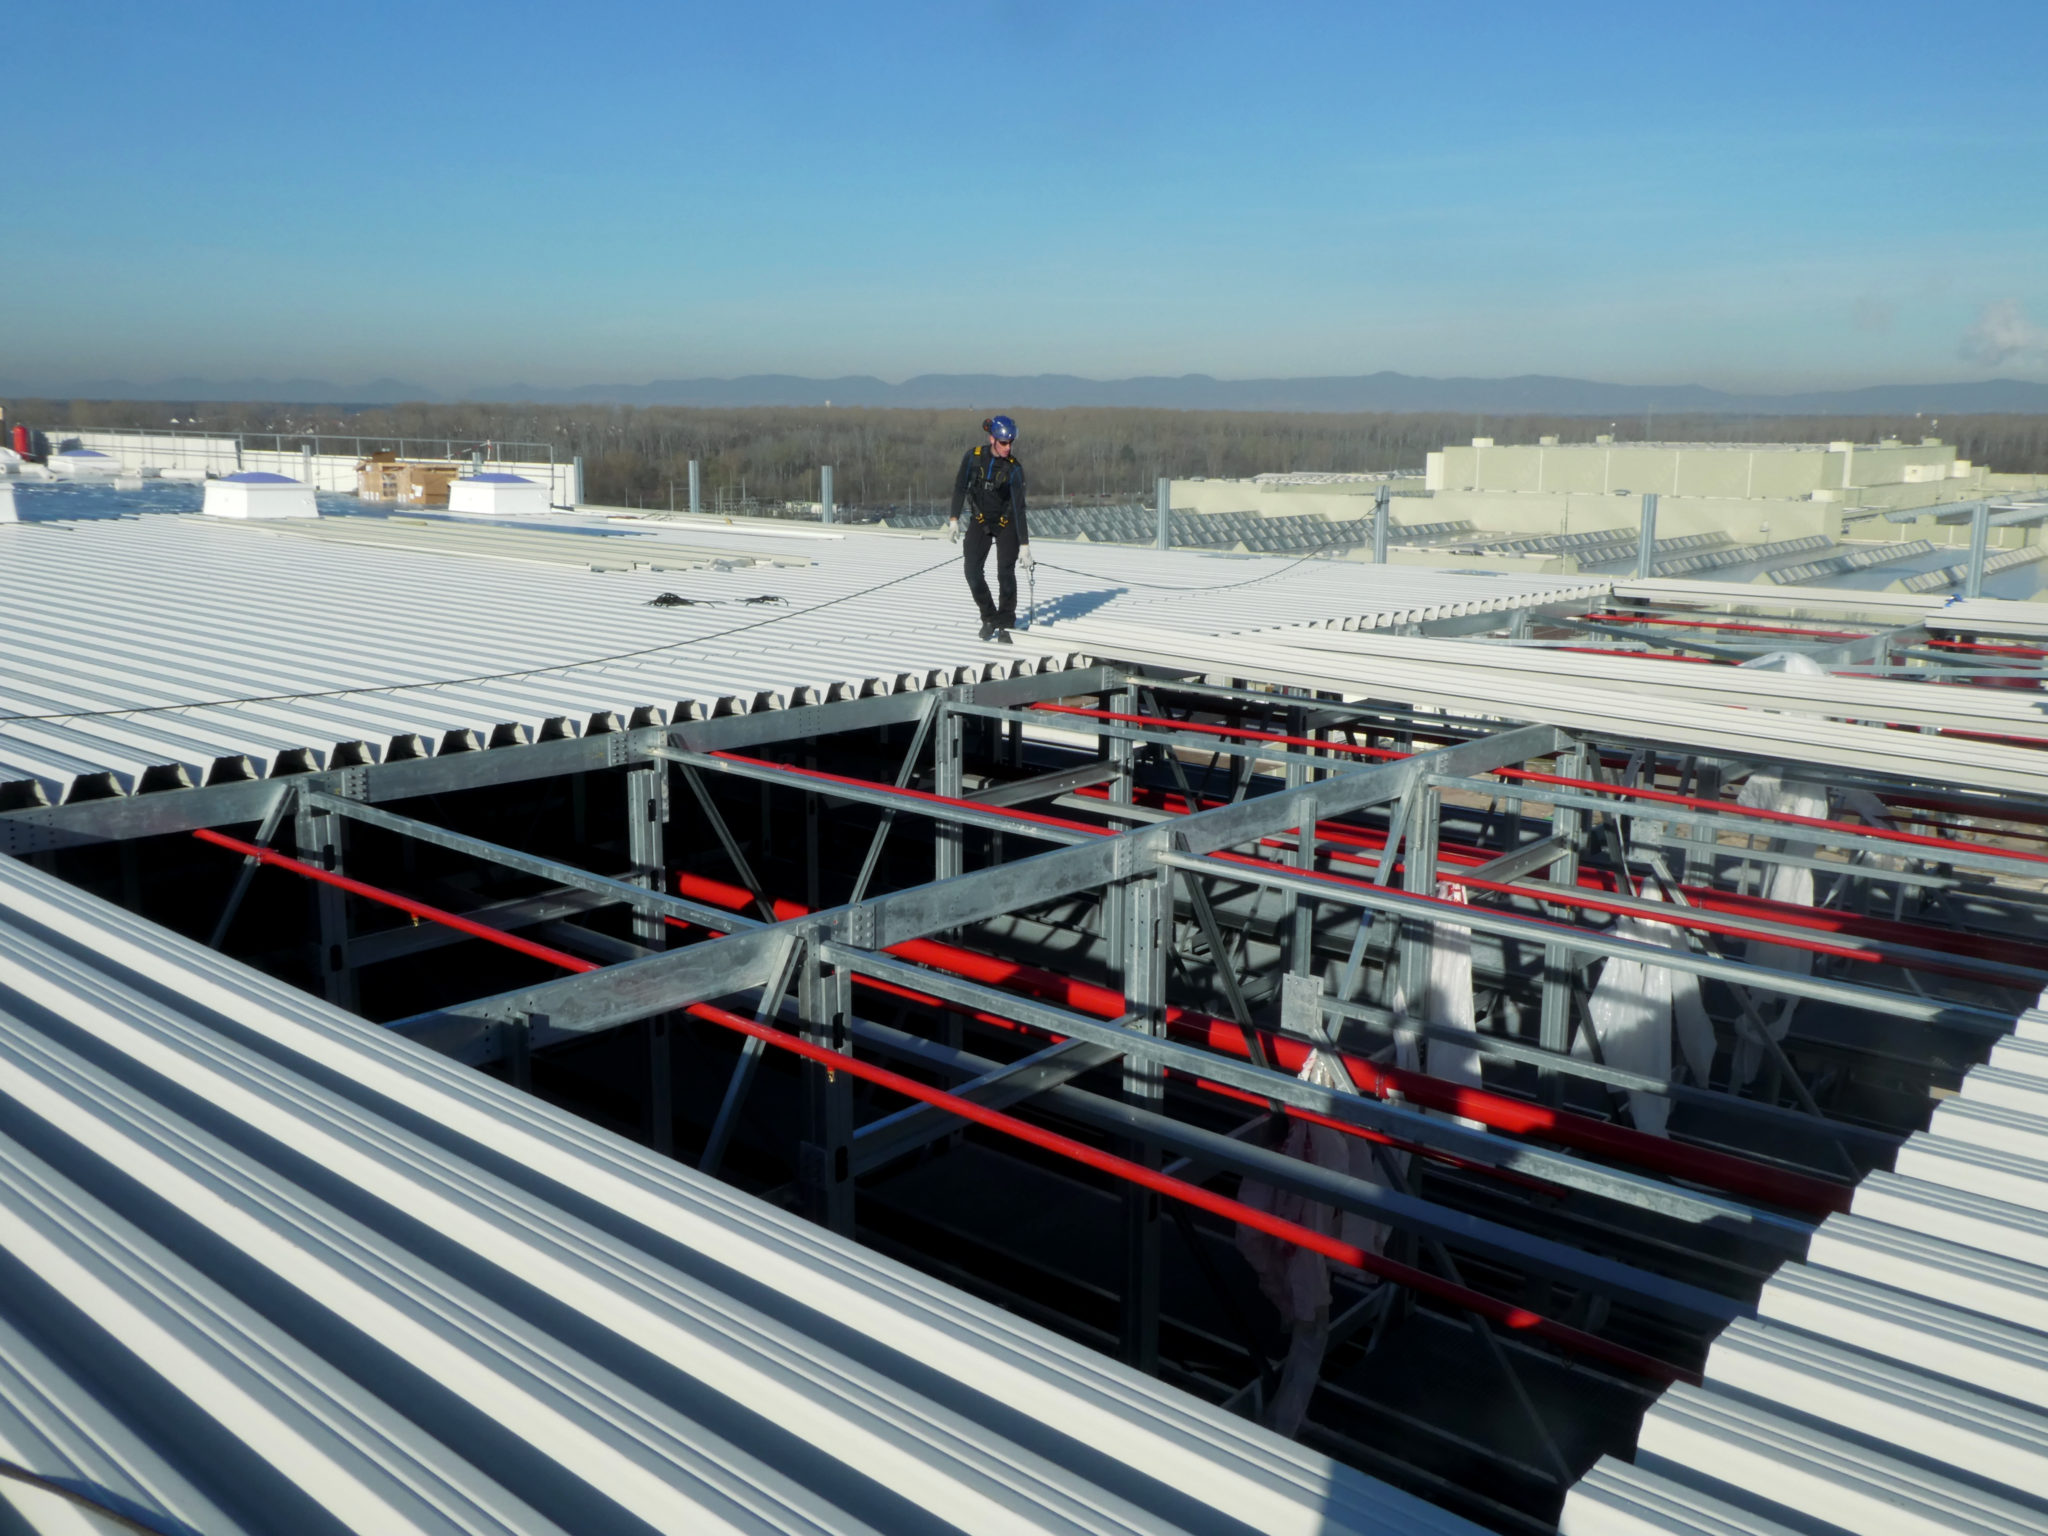 Gesichert mit persönlicher Schutzausrüstung gegen Absturz können sich die GEARS-Mitarbeiter auf dem Dach sicher bewegen.